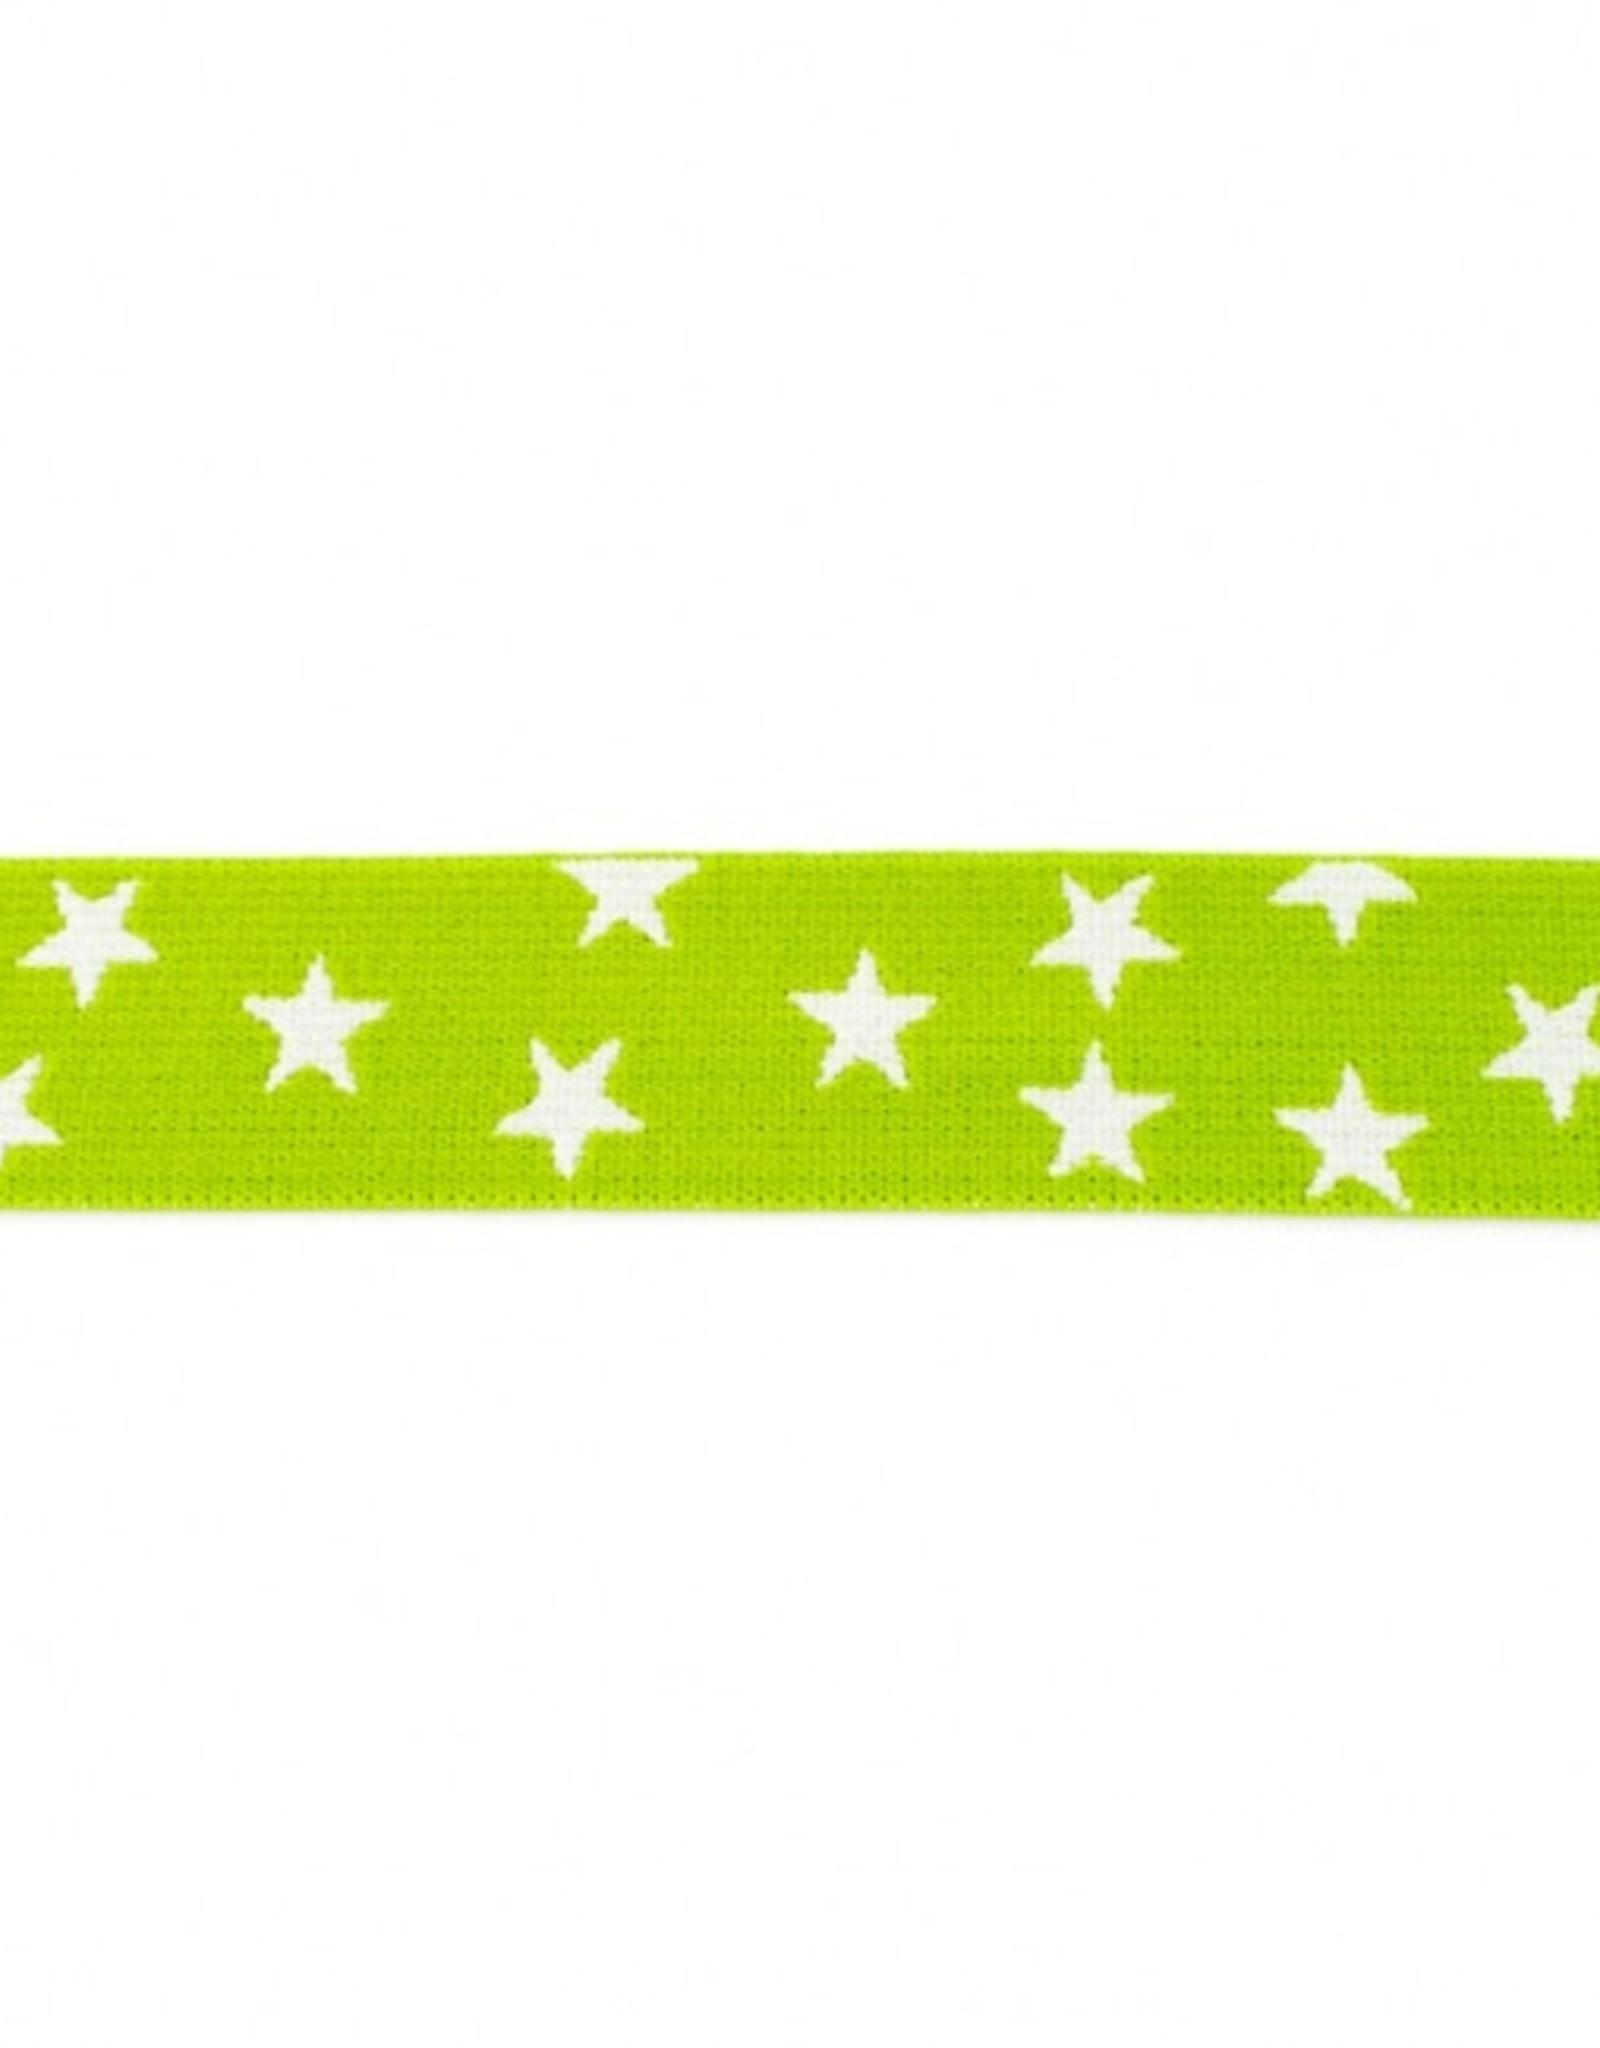 Elastiek sterren 2-kleurig dubbelzijdig lime-wit 25mm